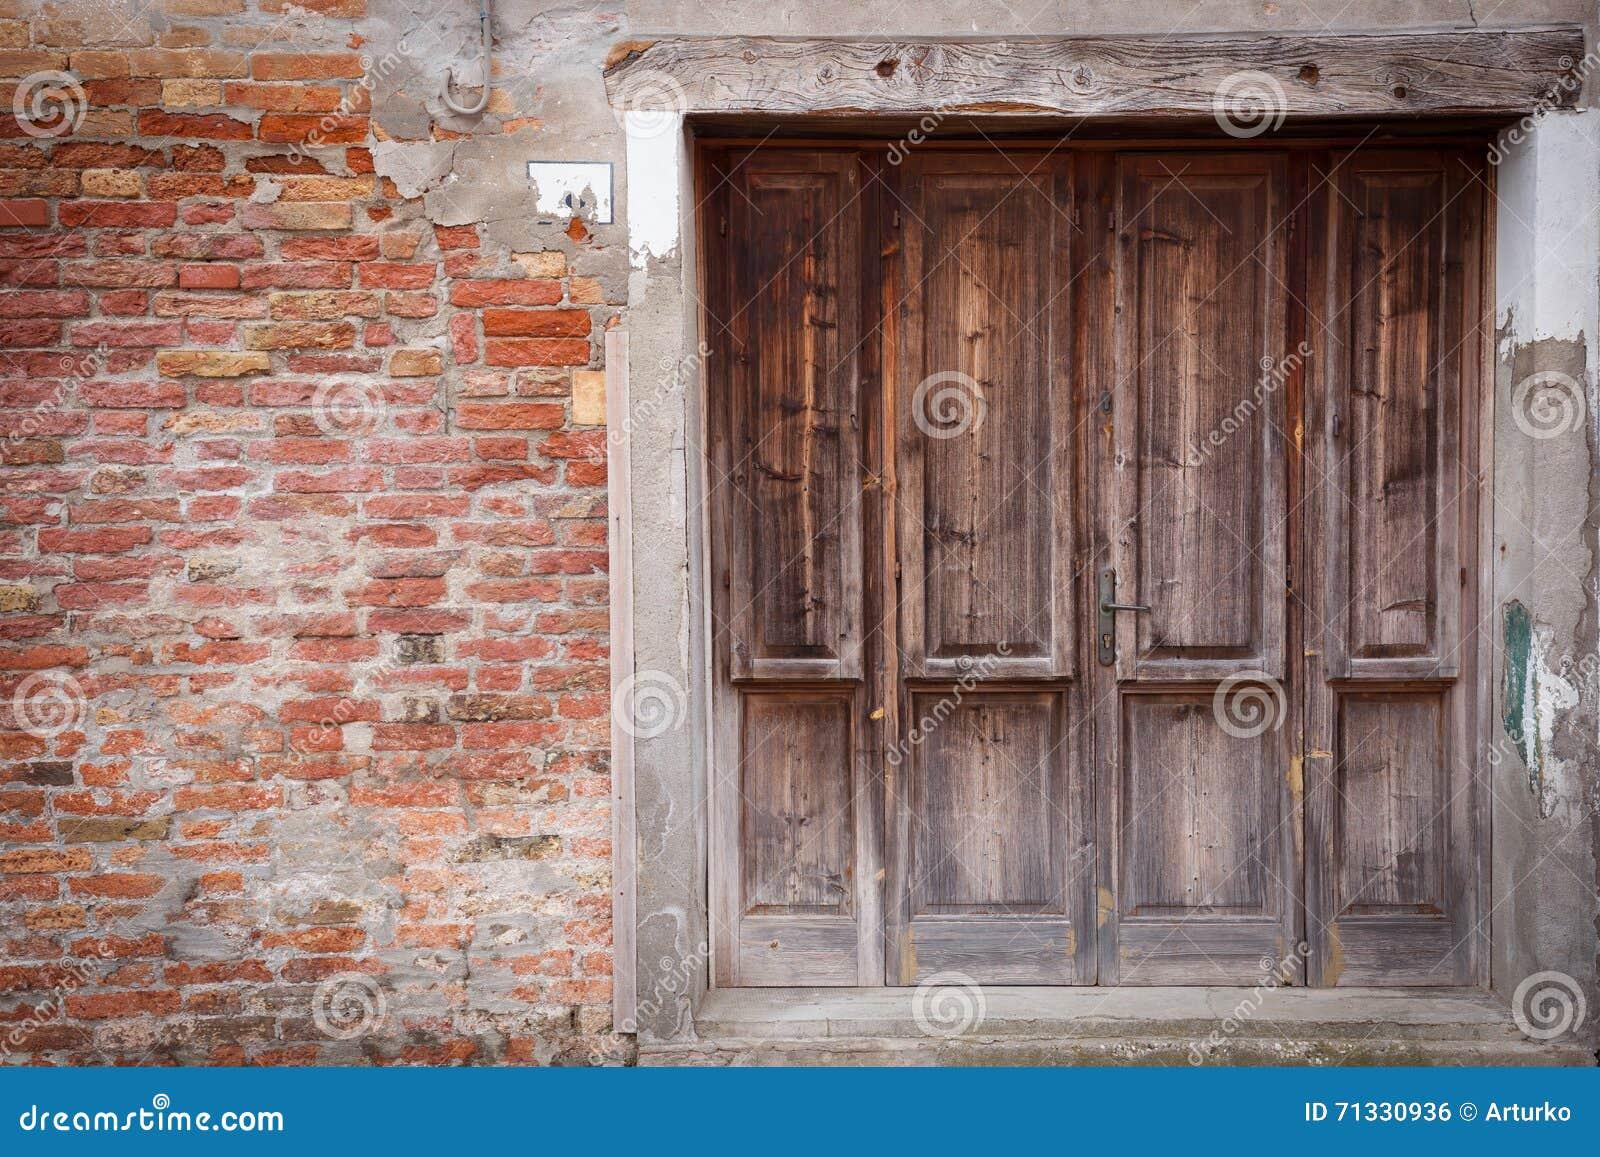 Verschlossene tür  Alte Hölzerne Verschlossene Tür Mit Schalenfarbe Stockfoto - Bild ...